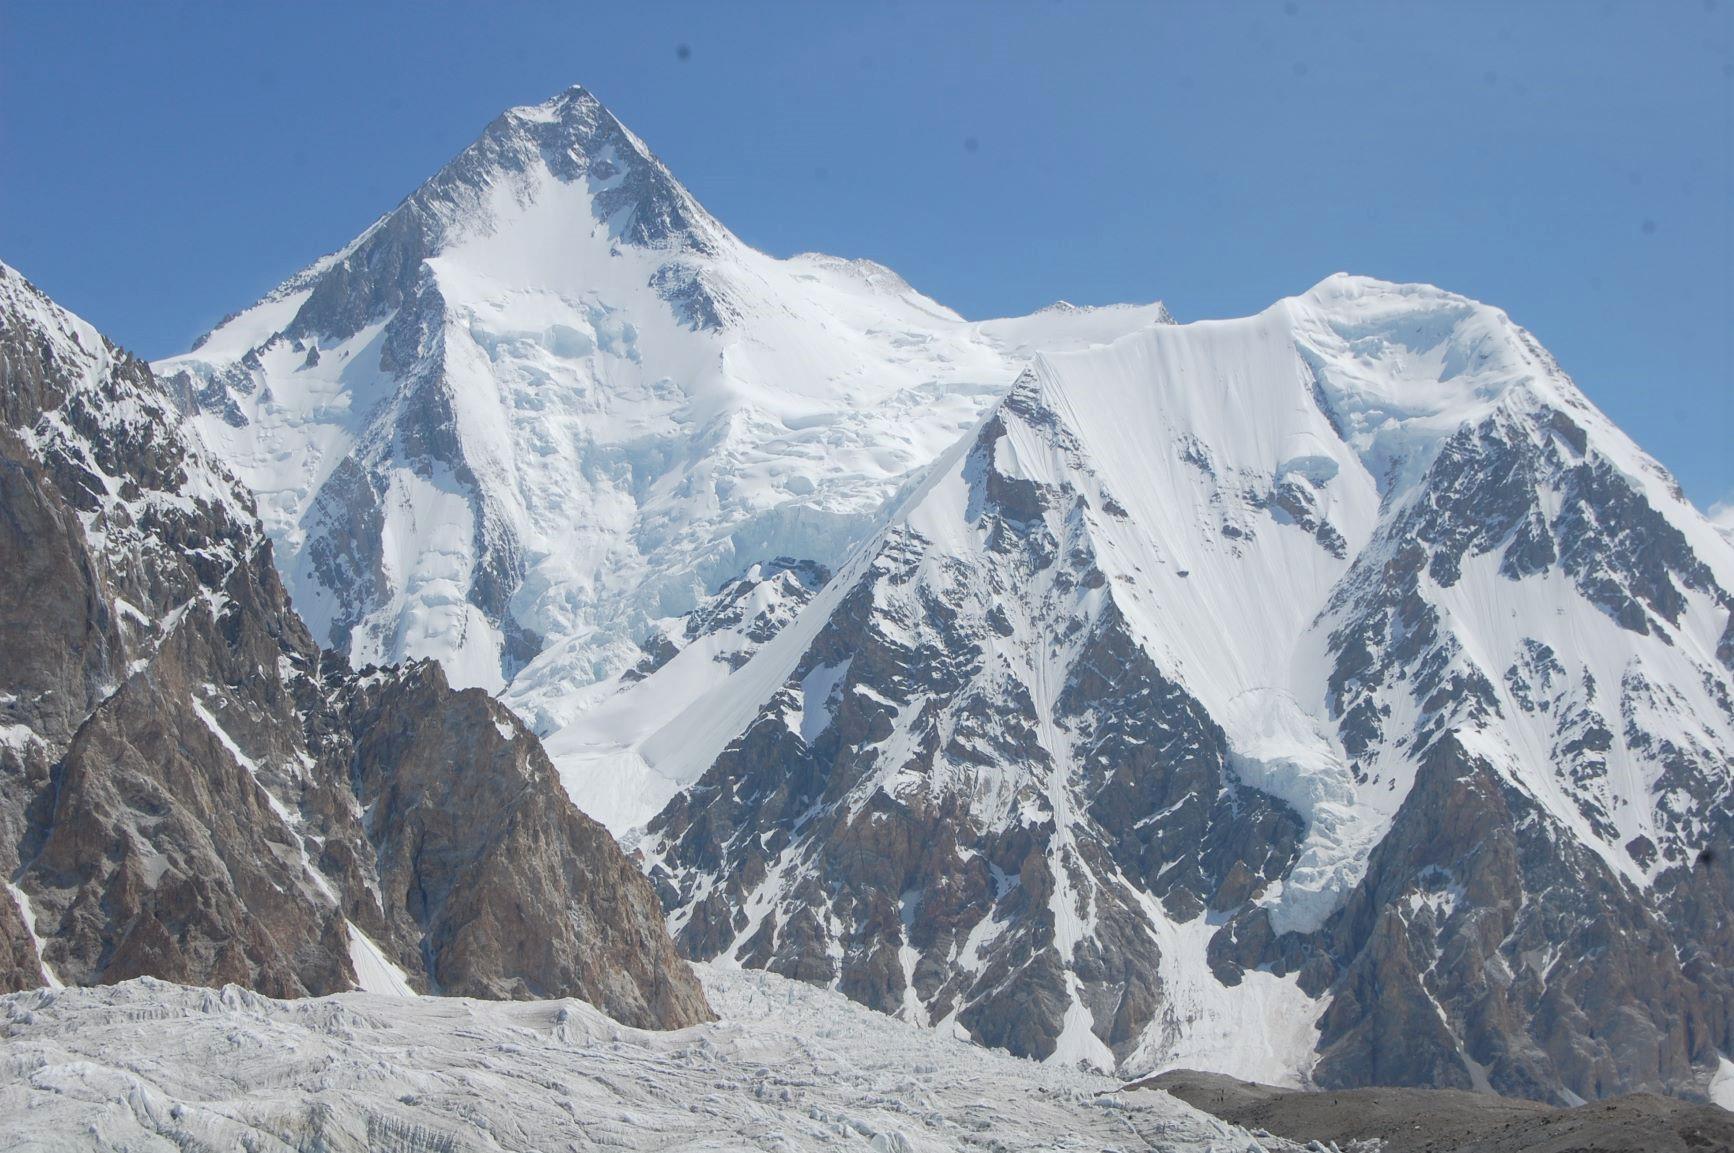 K2・バルトロ氷河とガッシャーブルムベースキャンプ・トレッキング 29日間